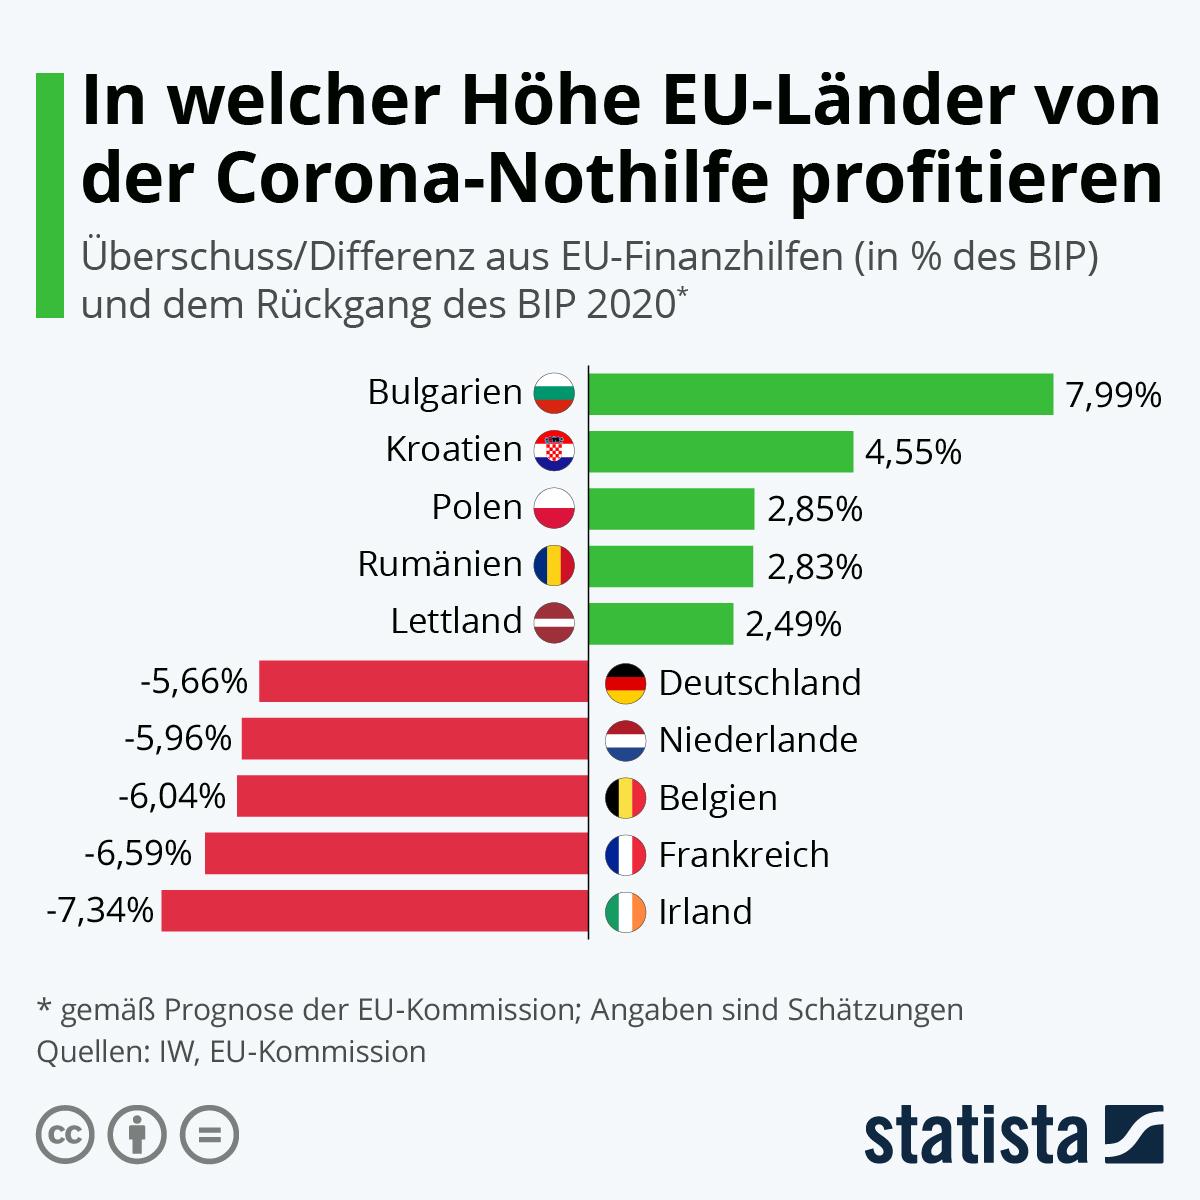 Infografik: In welcher Höhe EU-Länder von der Corona-Nothilfe profitieren | Statista